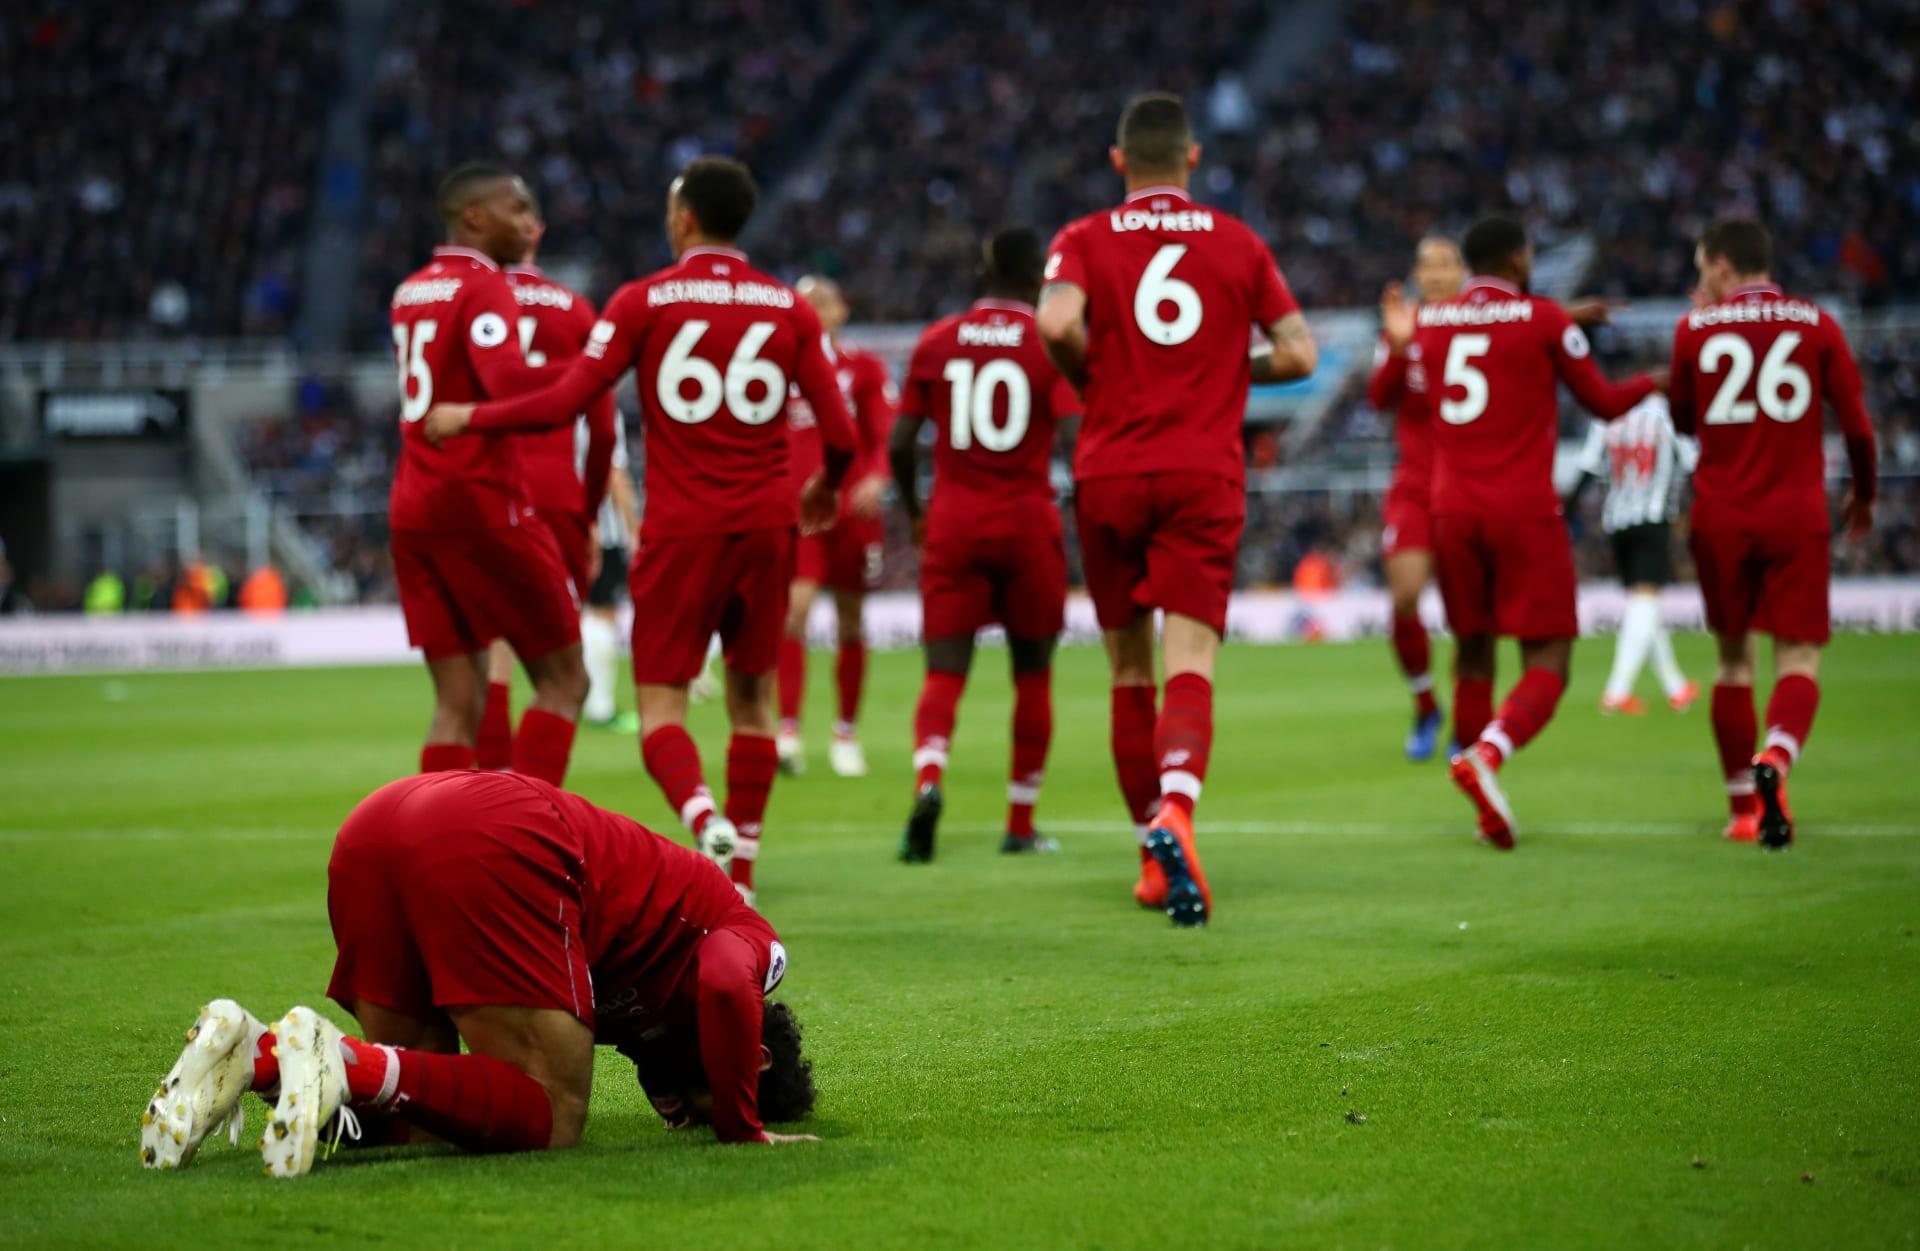 صيام رمضان.. تحدي سيواجه اللاعبين المسلمين في أوروبا مع اقتراب الحسم